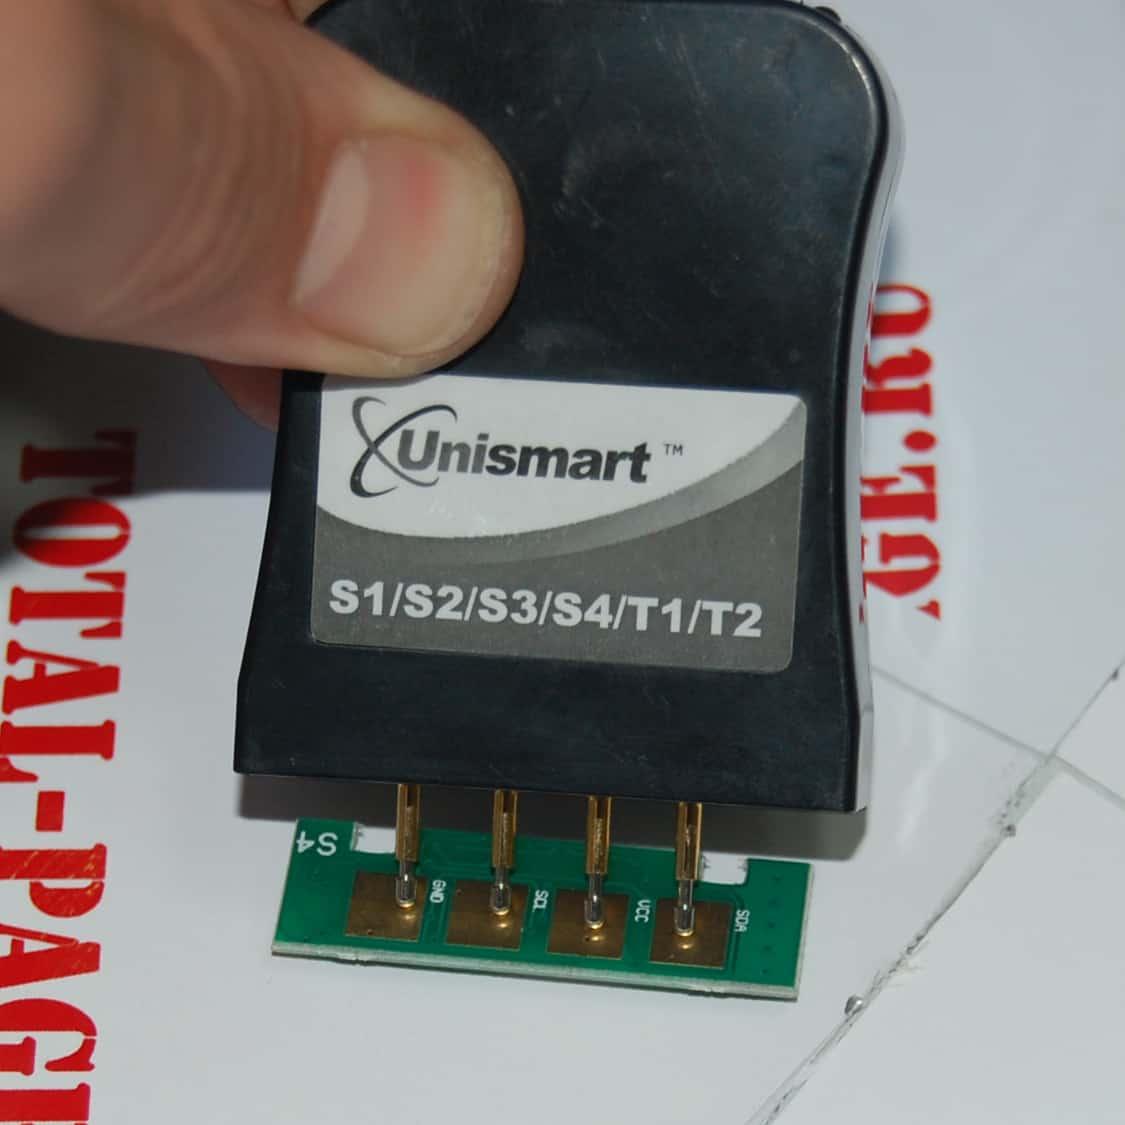 Samsung clp 300 чип своими руками